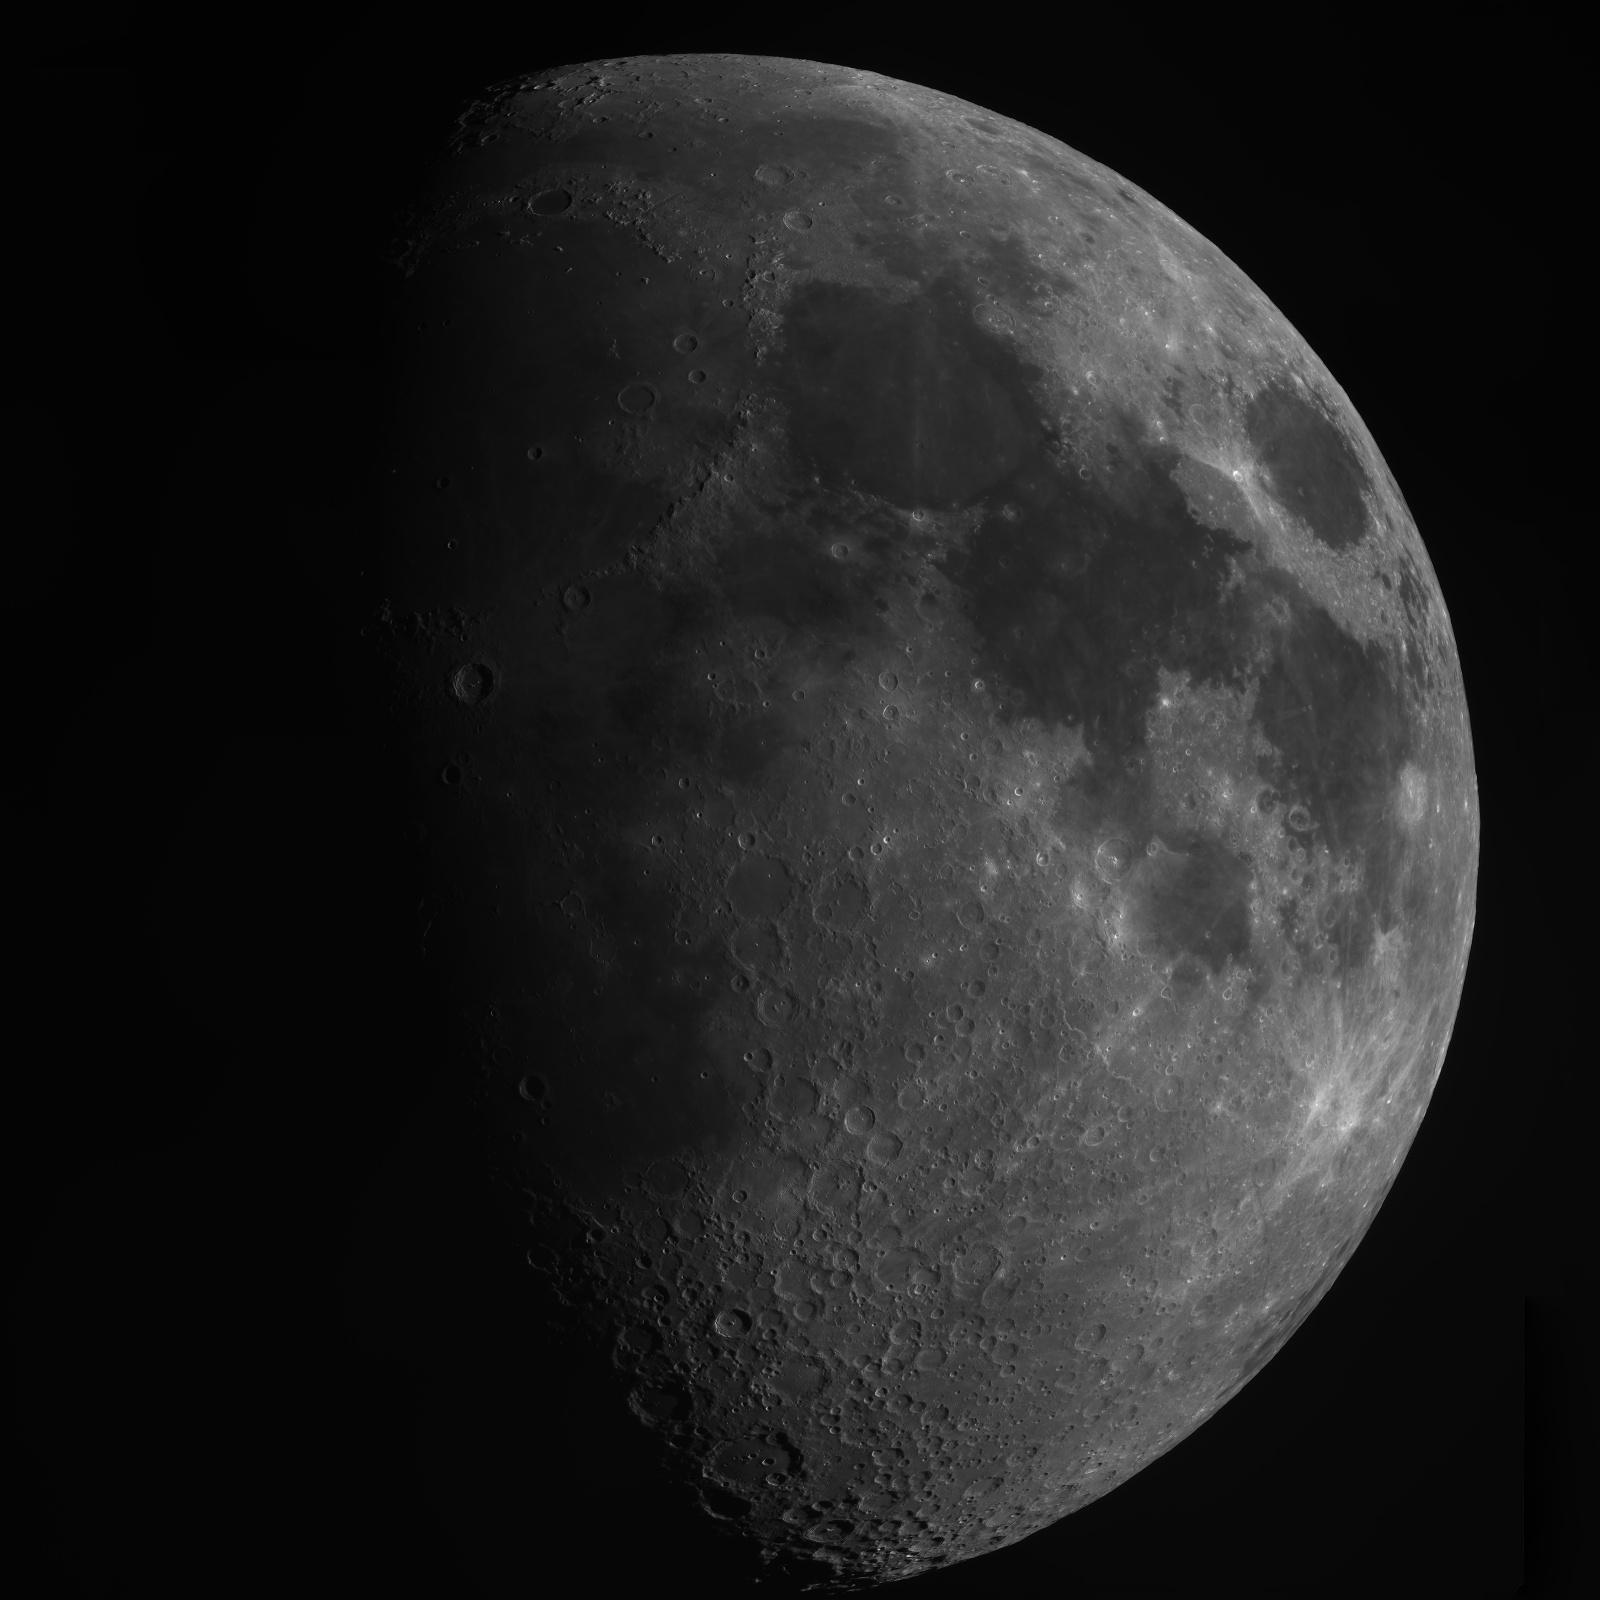 2021-06-19-1941_9-U-PP742-Moon_ZWO-ASI183MM-Pro_AS3_stitch_ac-PS_IW_MW_DSNR.thumb.jpg.971ded0fefaa5b0c28abfa8421f5391f.jpg